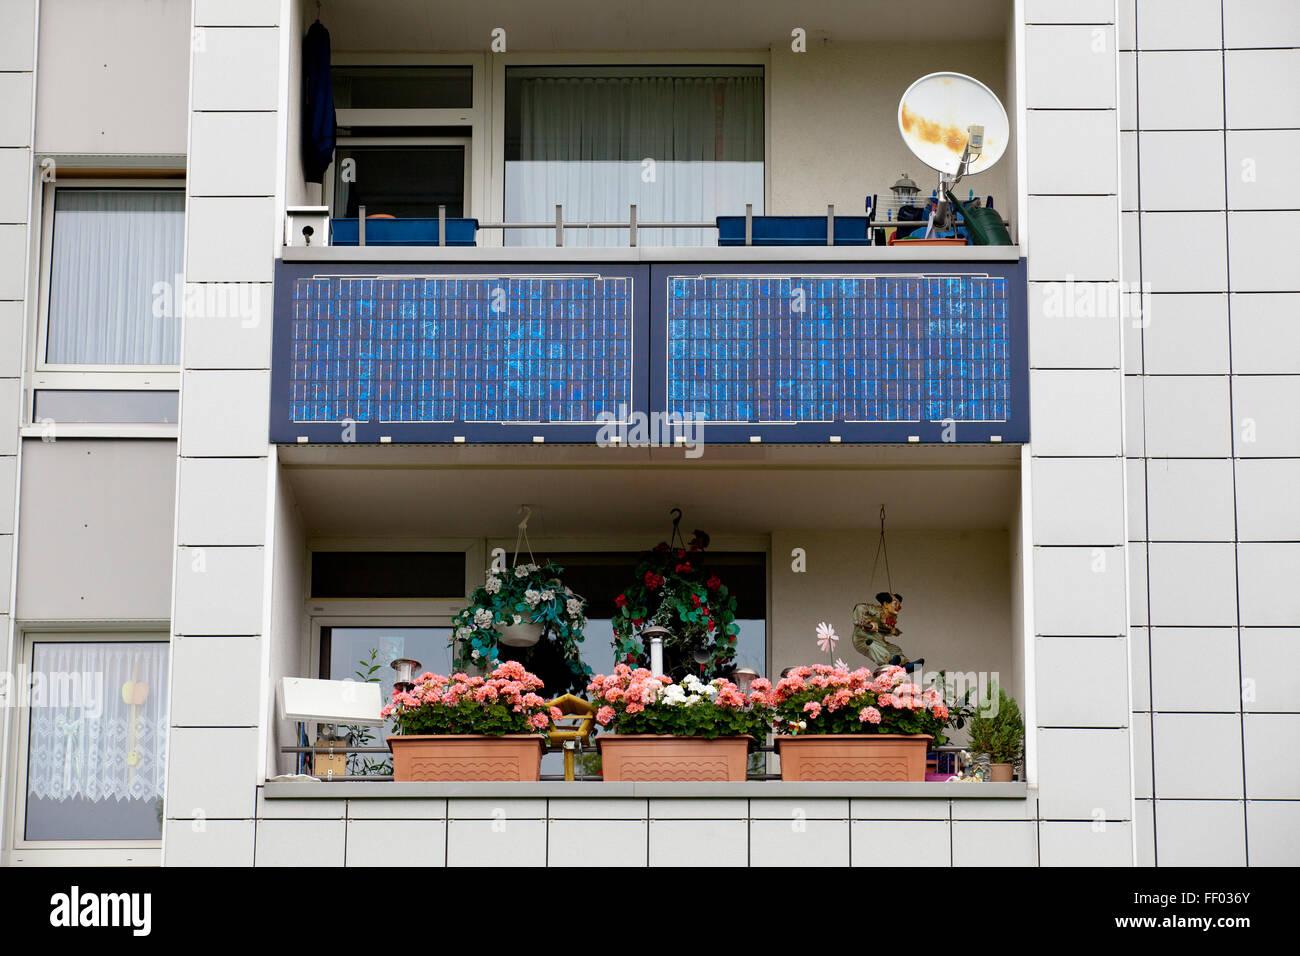 Solaranlagen Köln europa deutschland köln solarenergie wohnsiedlung in köln